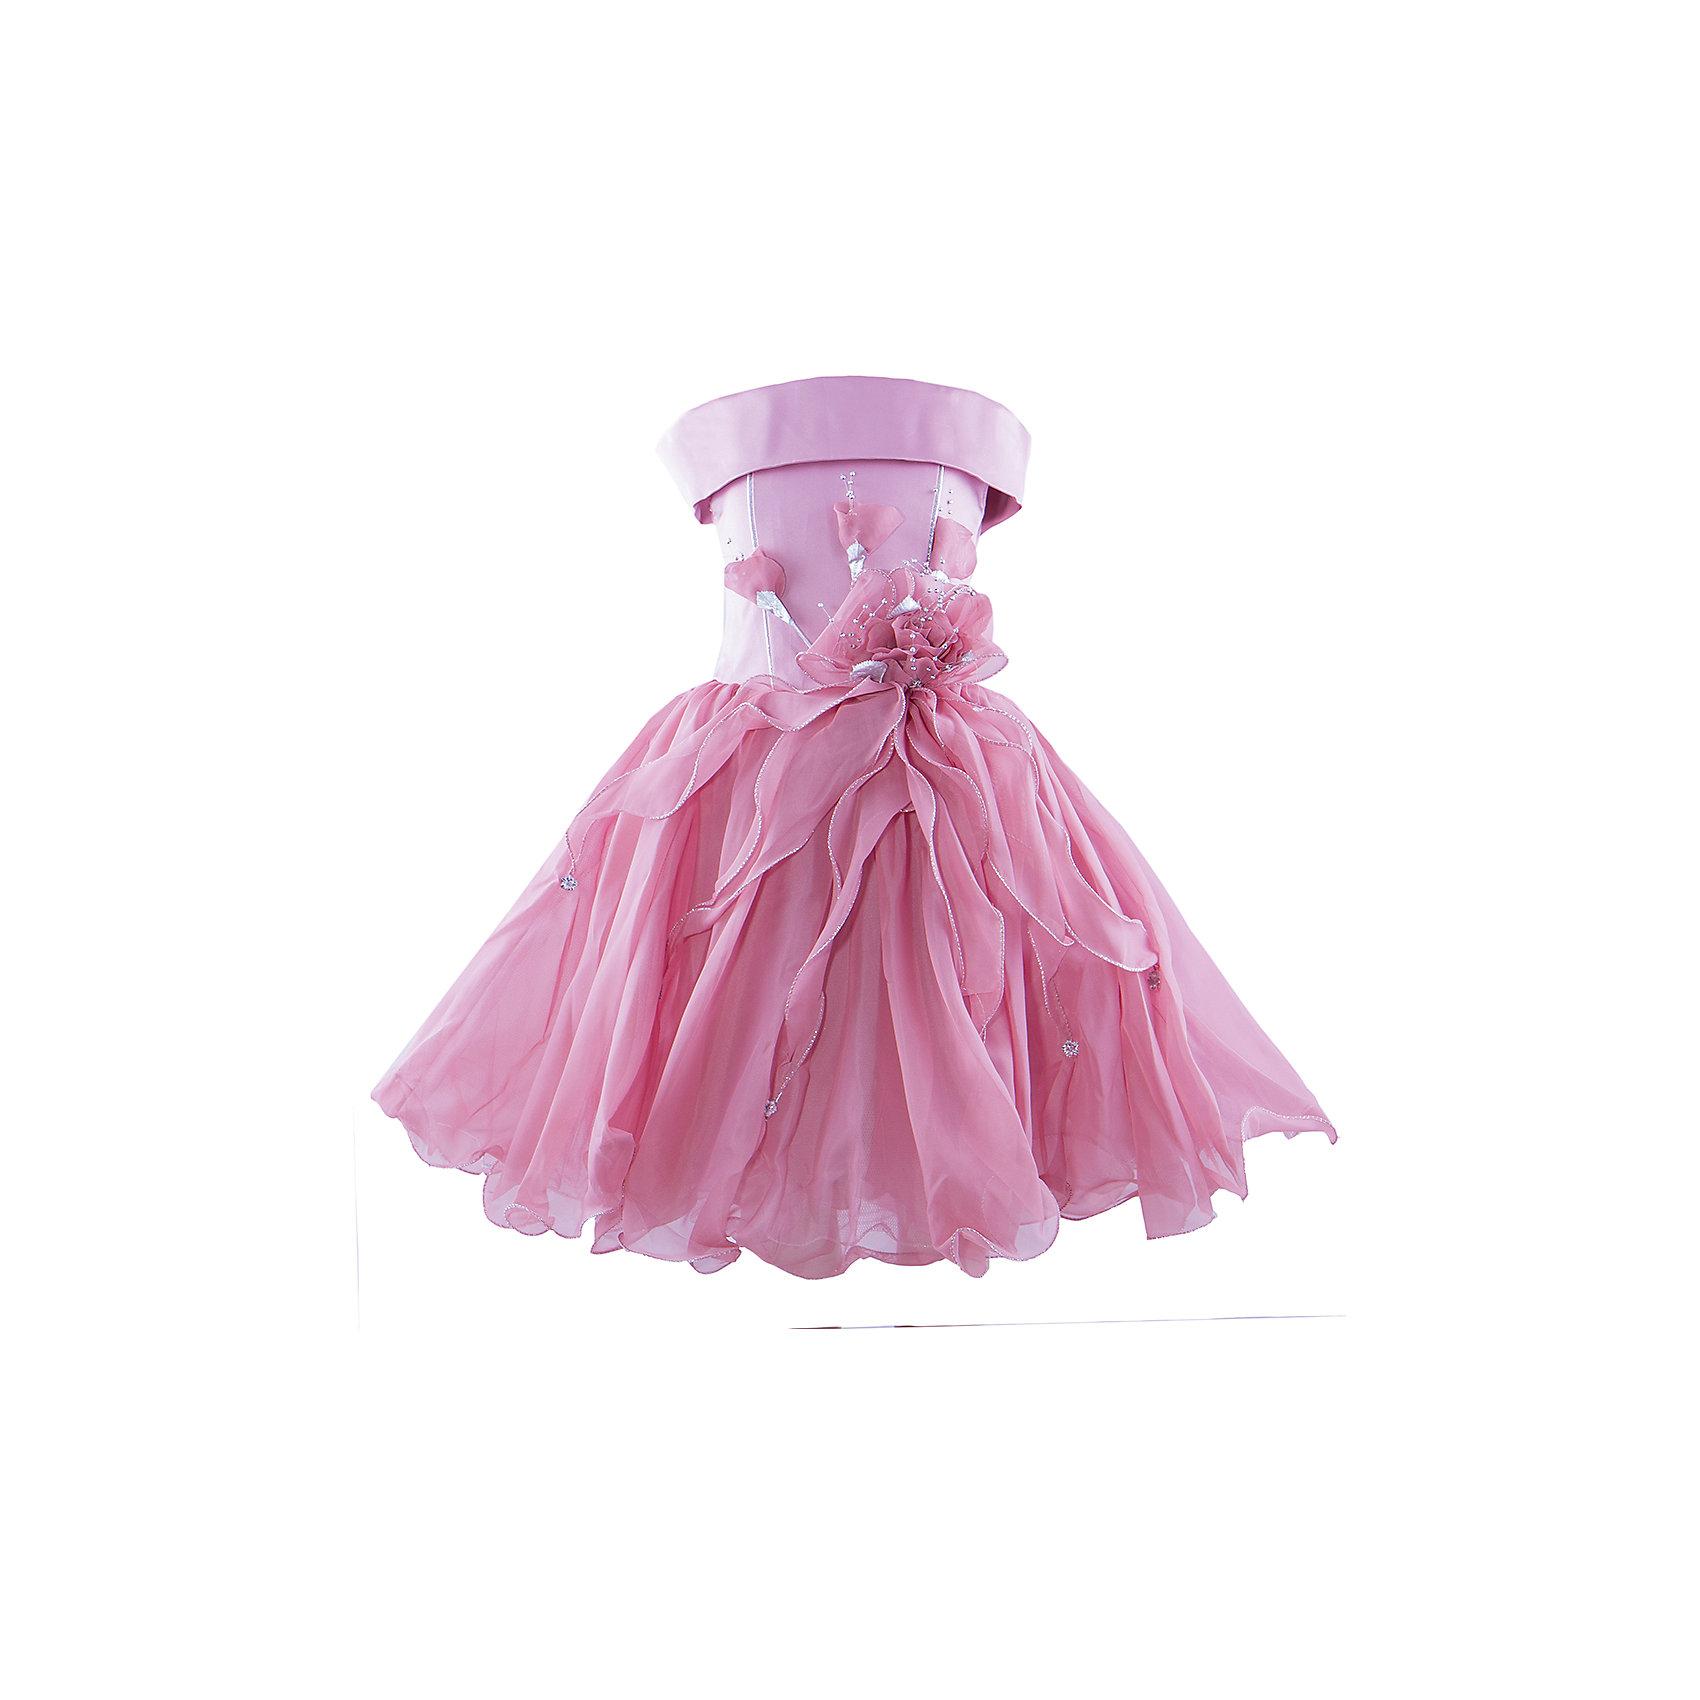 Нарядное платье ШармельОдежда<br>Нарядное платье для девочки от российской марки Шармель<br><br>Красивое пышное платье как у принцессы - мечта каждой девочки. Данное платье смотрится очень празднично и воздушно. На любом празднике ребенок в нем будет выглядеть нарядно и торжественно.<br><br>Особенности модели:<br><br>- состав: 100% полиэстер; подкл.: 100% хлопок<br>- материал - с блеском;<br>- цвет - коралловый;<br>- подол - многослойный, пышный, с полужестким каркасом из сетки;<br>- без рукавов;<br>- можно утянуть лиф шнуровкой;<br>- сзади застежка-молния;<br>- резинка на прорезях для рукавов;<br>- лиф жесткий, украшен цветами из органзы с золотистой фурнитурой.<br><br>Дополнительная информация:<br><br>Габариты:<br><br>длина по спинке - 71 см.<br><br>* соответствует размеру 104/116<br><br>Нарядное платье для девочки от российской марки Шармель можно купить в нашем магазине.<br><br>Ширина мм: 236<br>Глубина мм: 16<br>Высота мм: 184<br>Вес г: 177<br>Цвет: розовый<br>Возраст от месяцев: 24<br>Возраст до месяцев: 36<br>Пол: Женский<br>Возраст: Детский<br>Размер: 92/98,104/116<br>SKU: 4243364